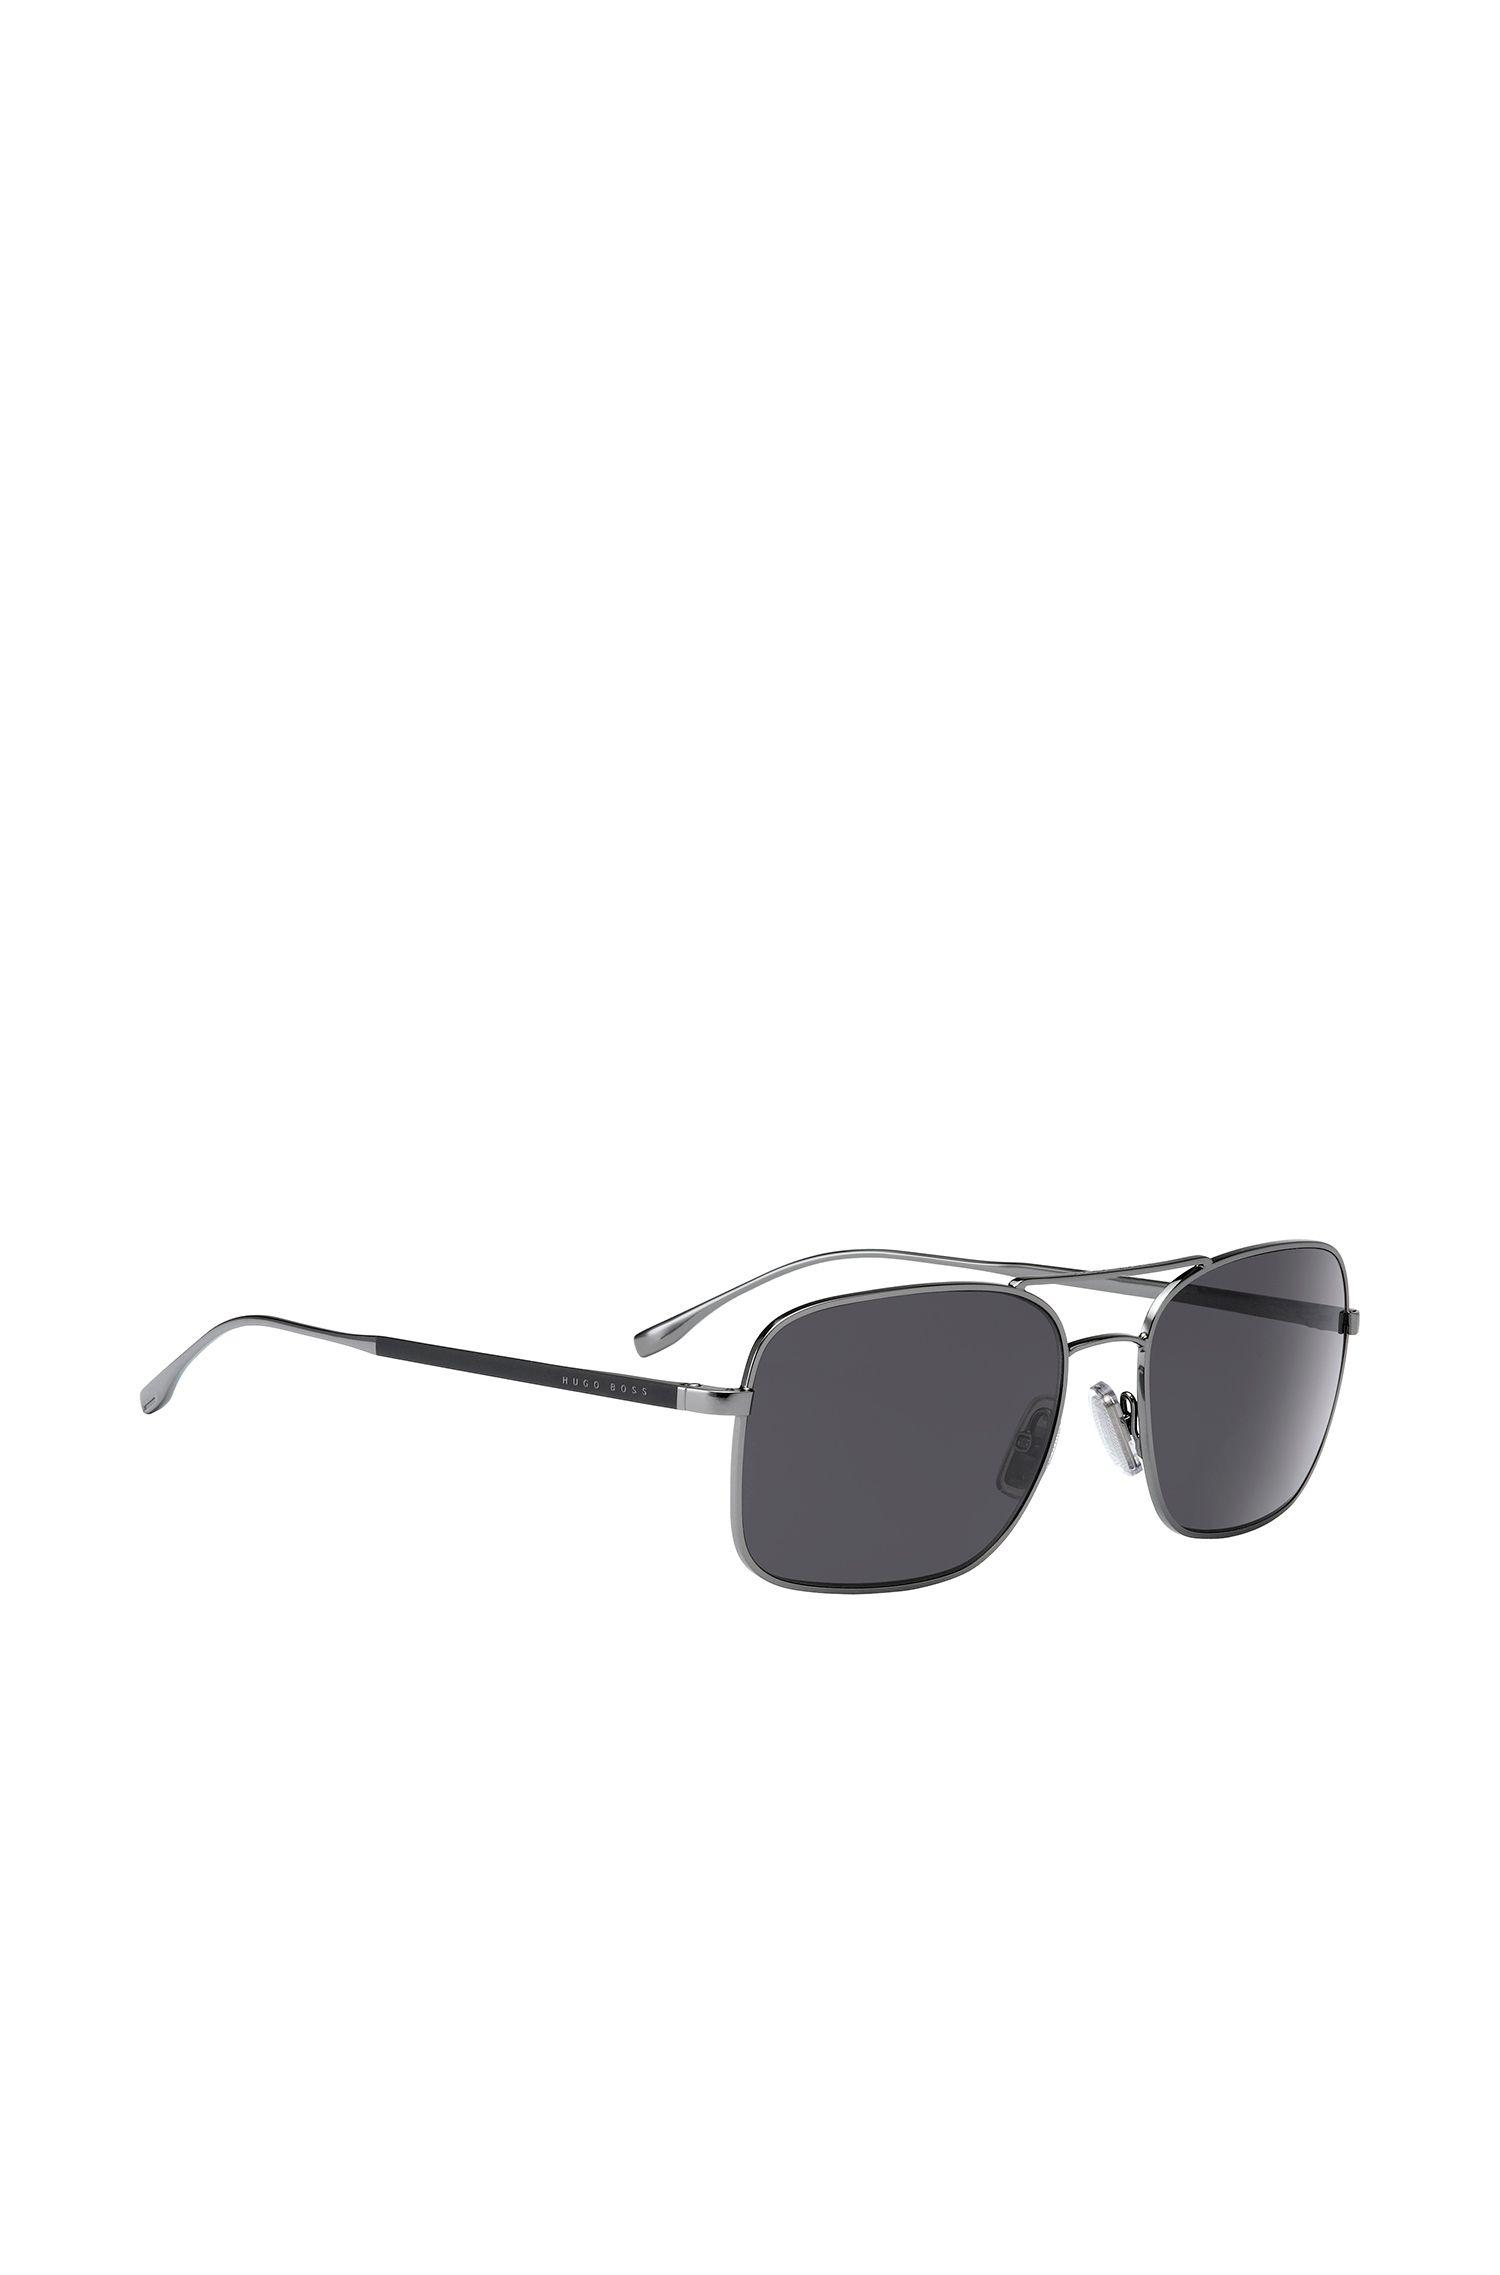 Gray Lens Caravan Sunglasses | BOSS 0781